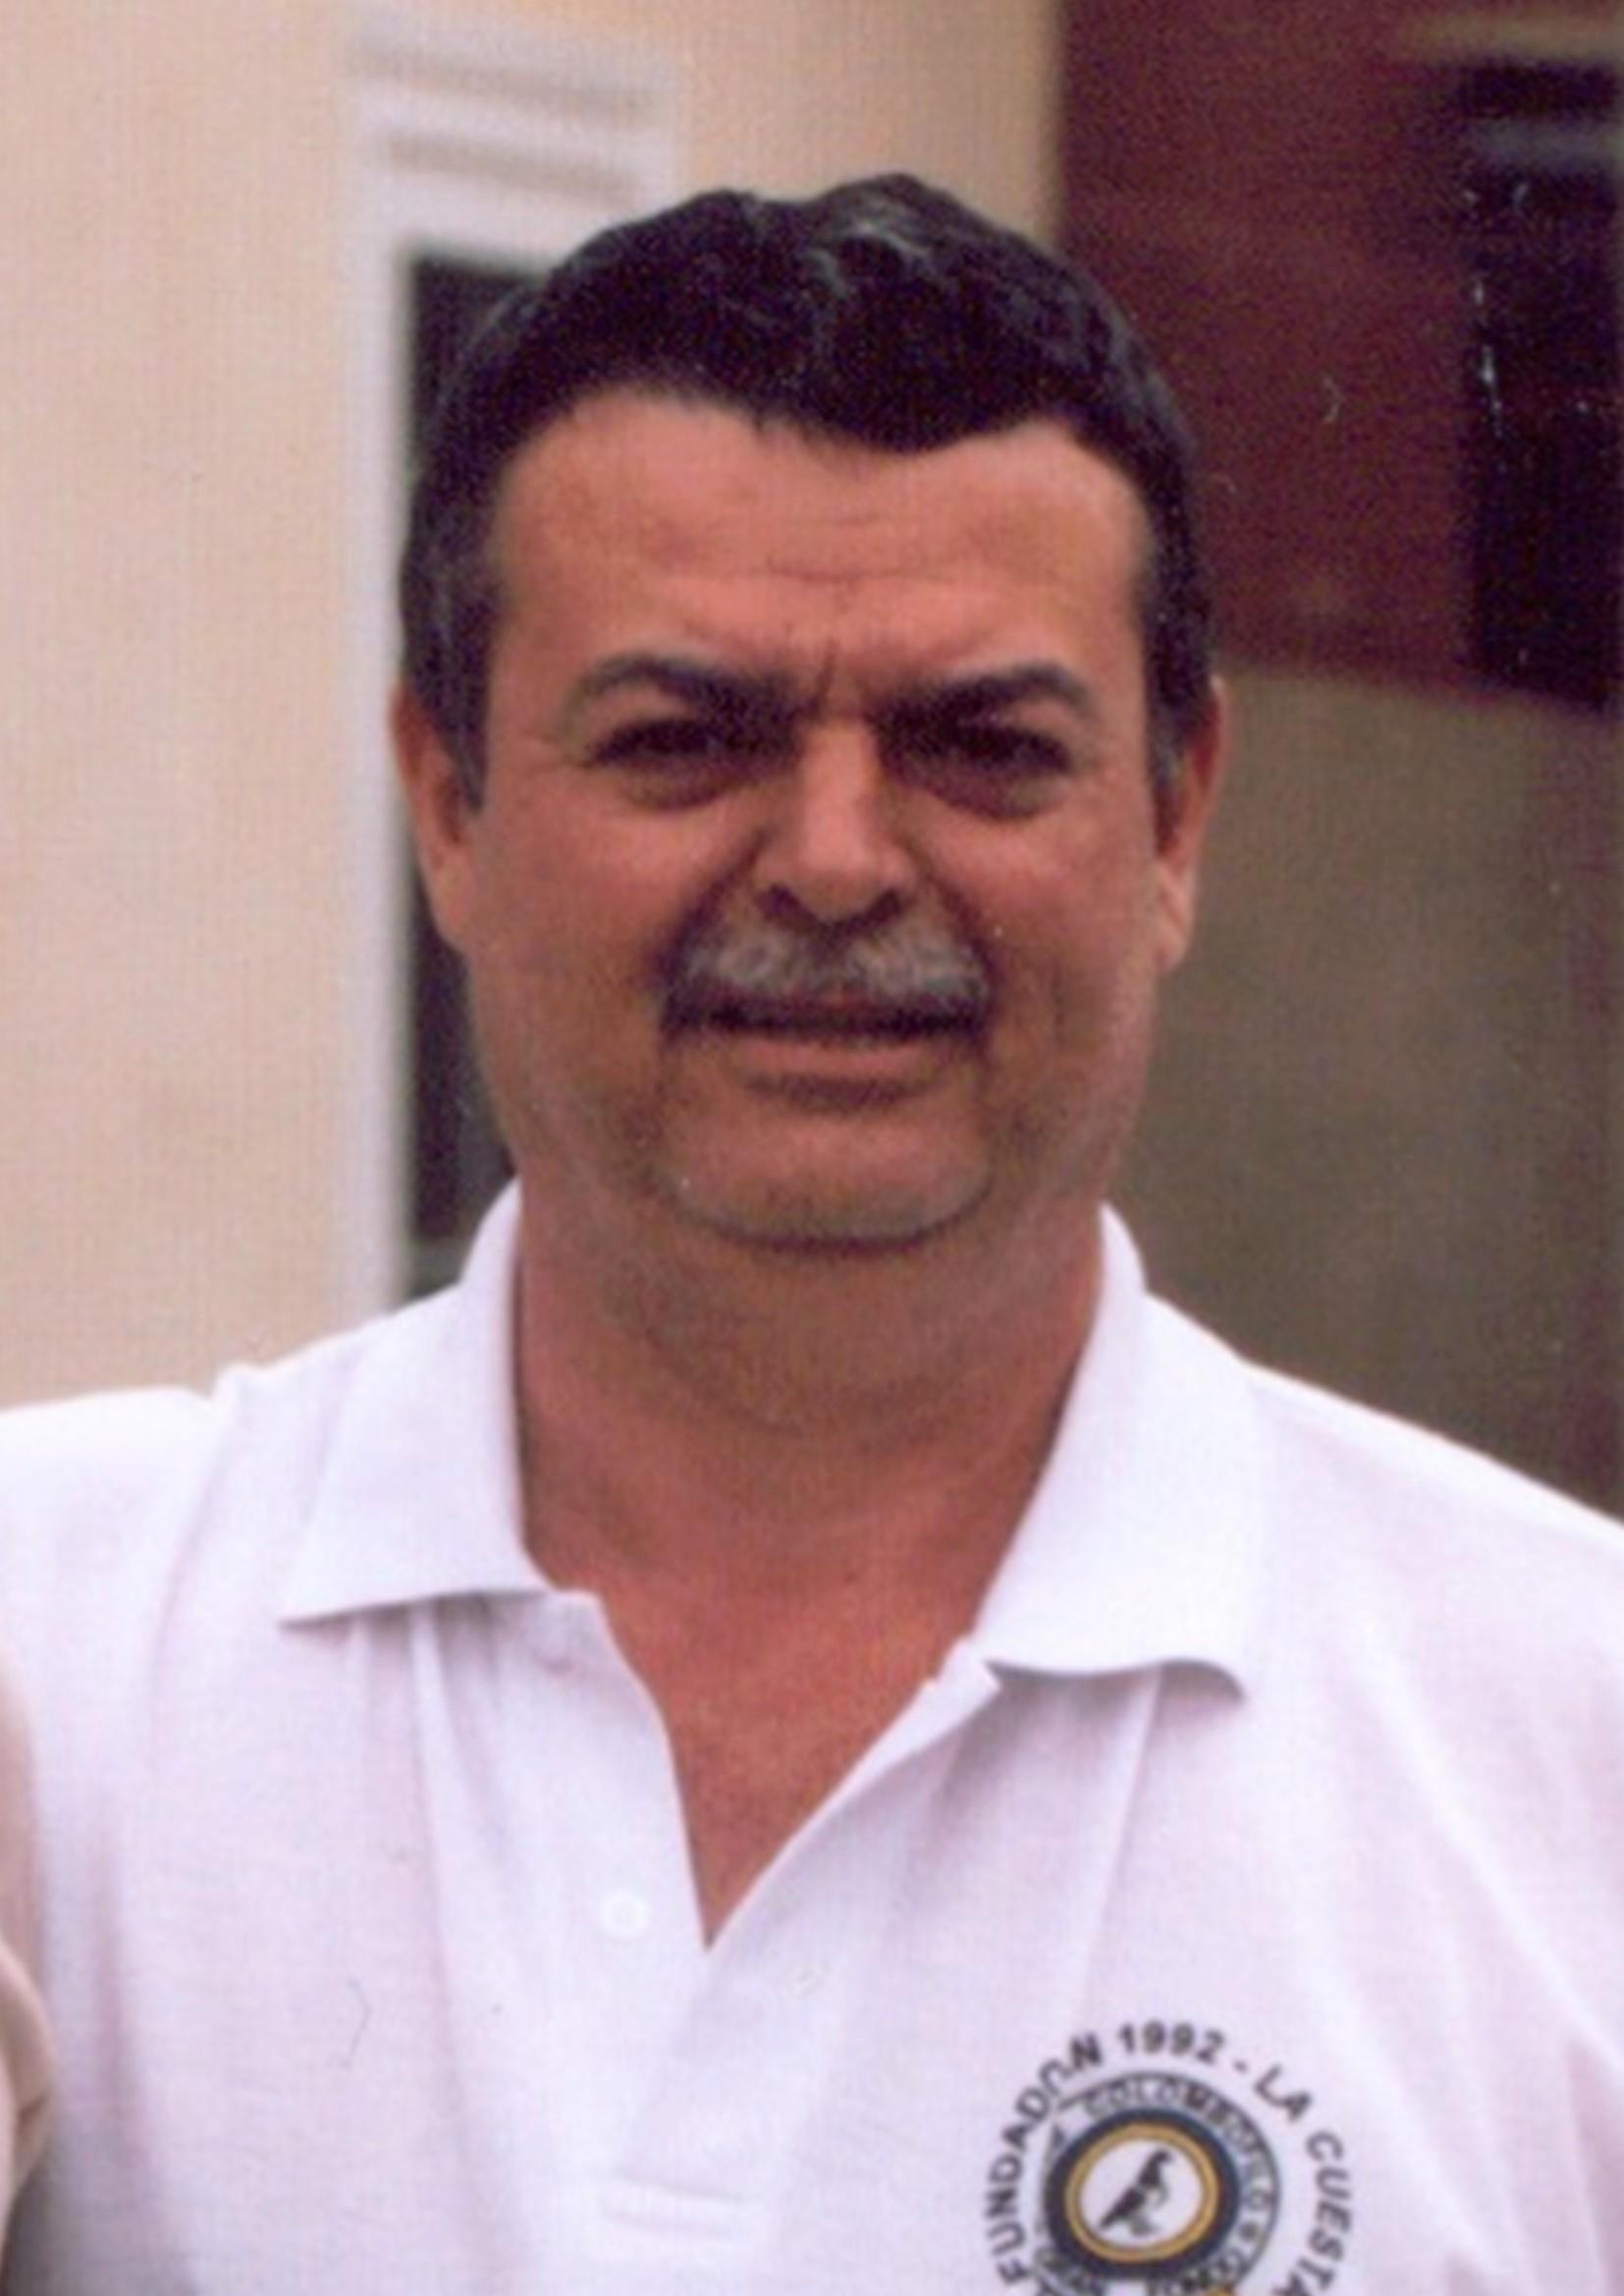 001 - Tomas Montiel Luis